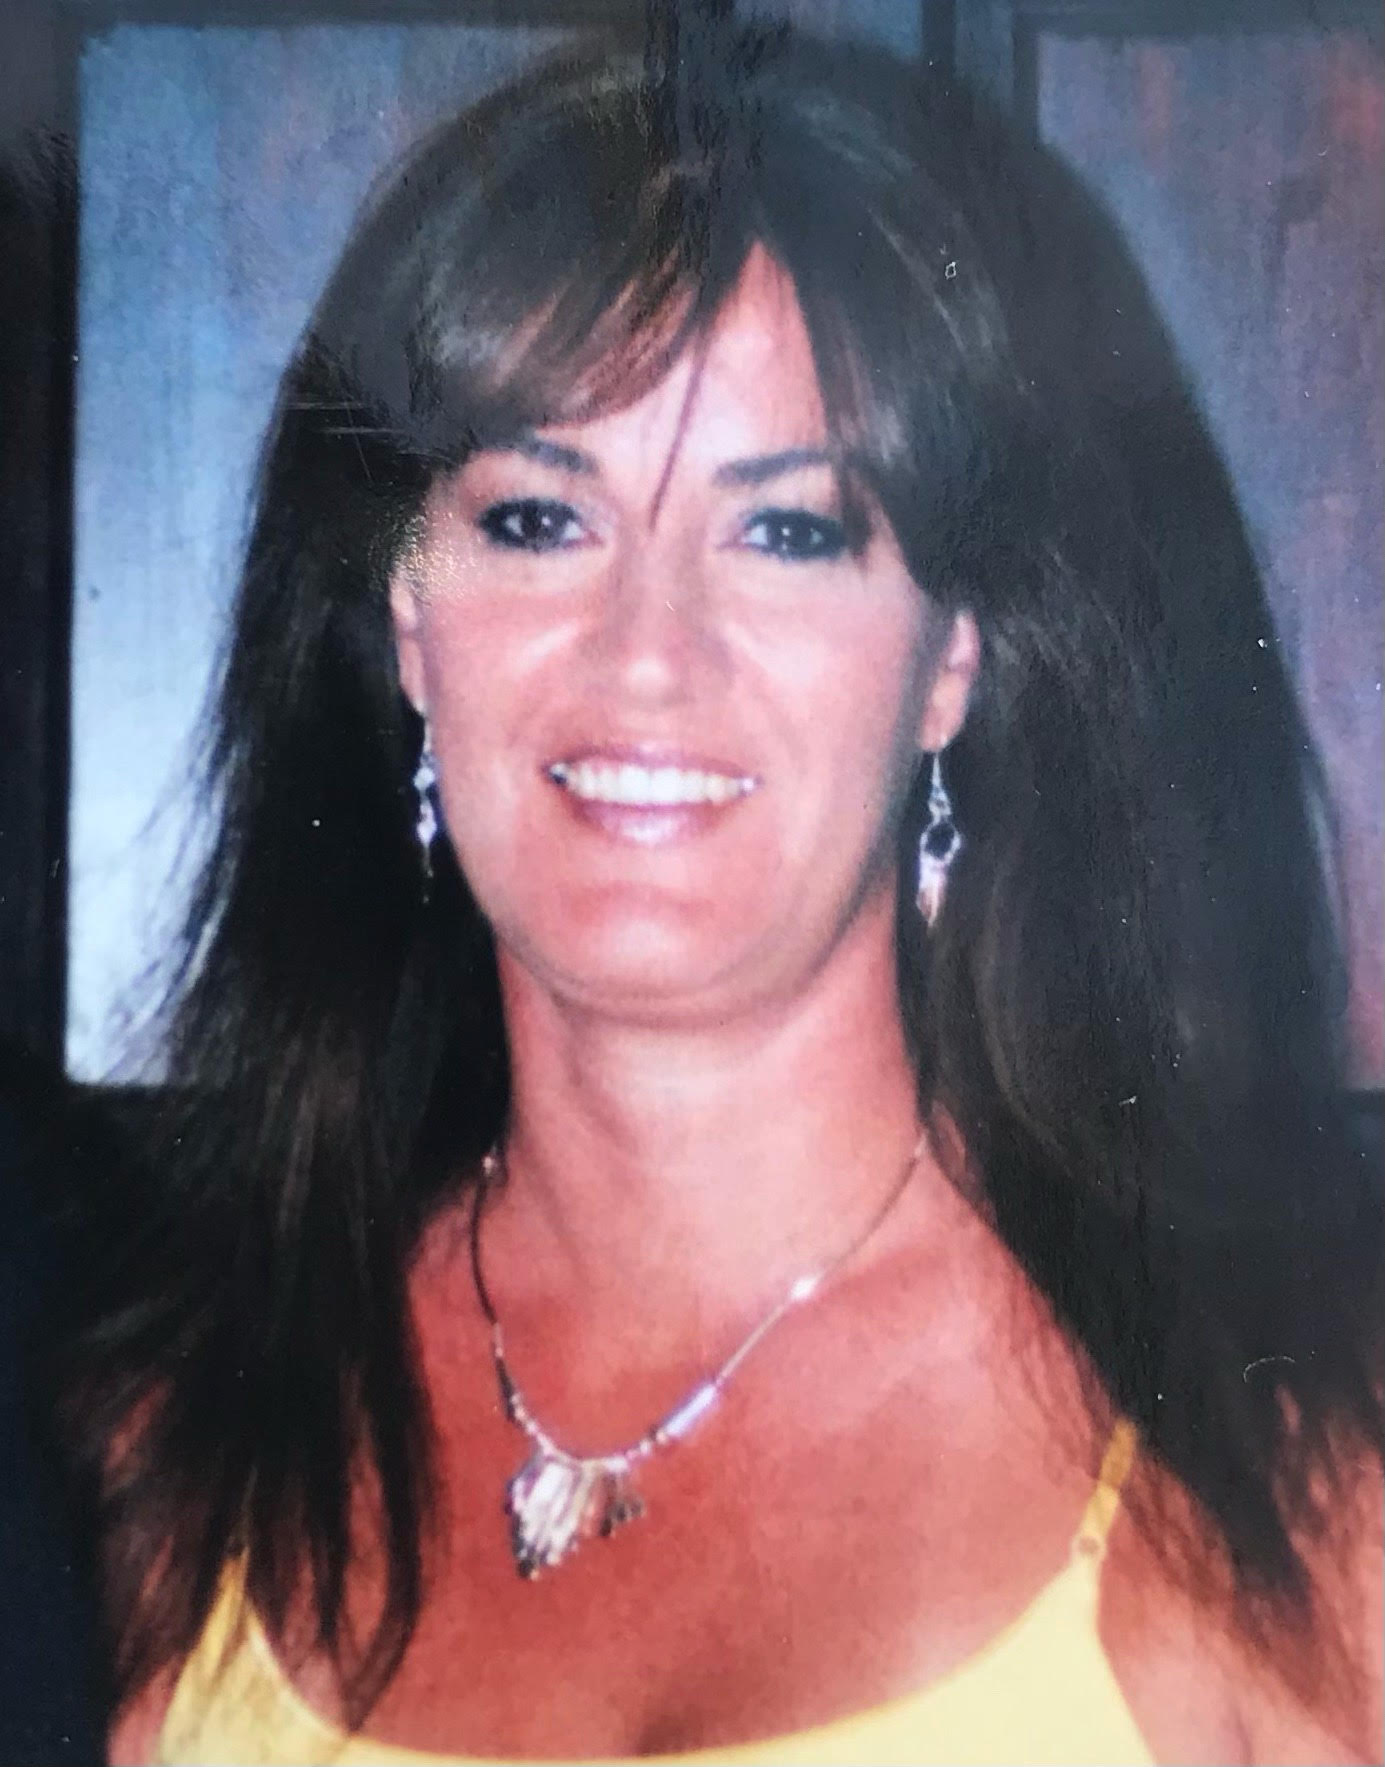 Andrea Ramsey - Andrea Ramsey